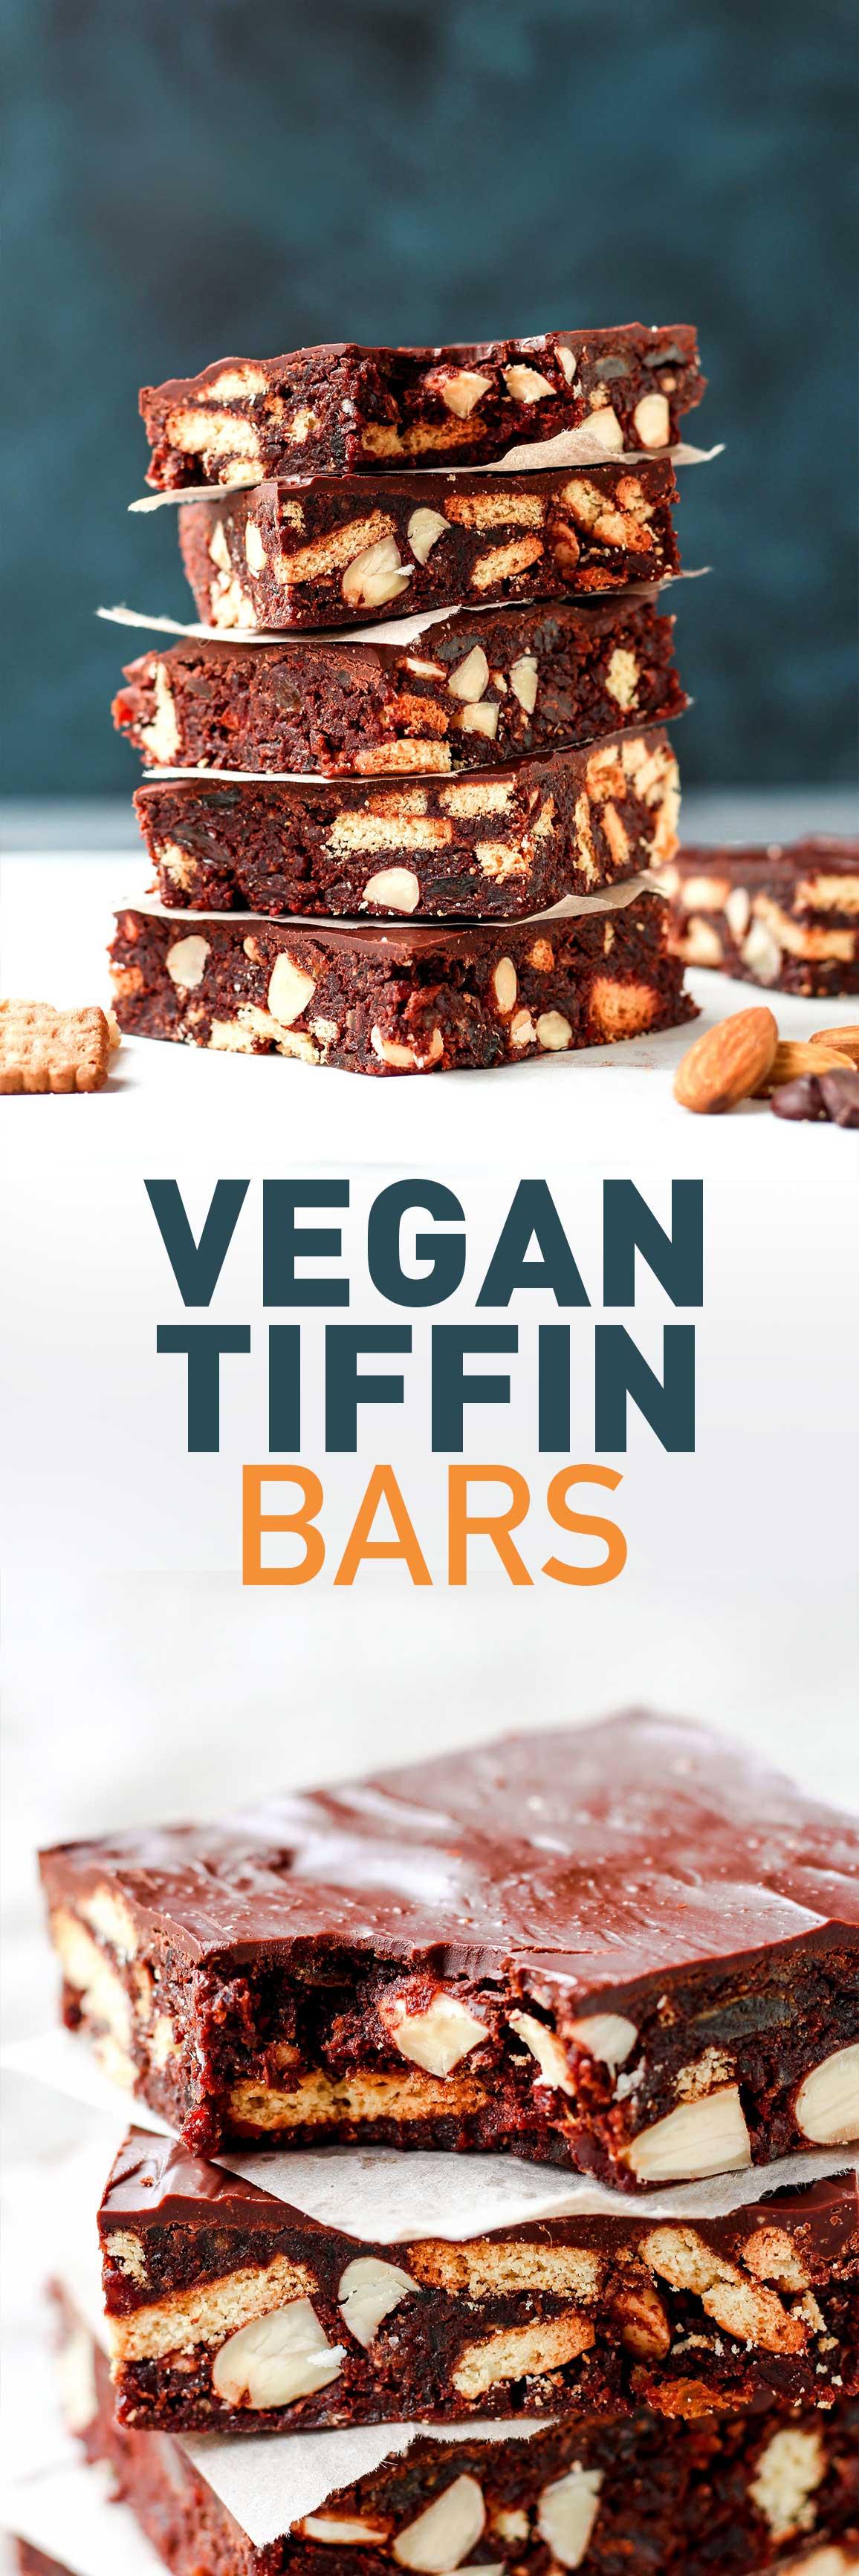 Vegan Tiffin Bars